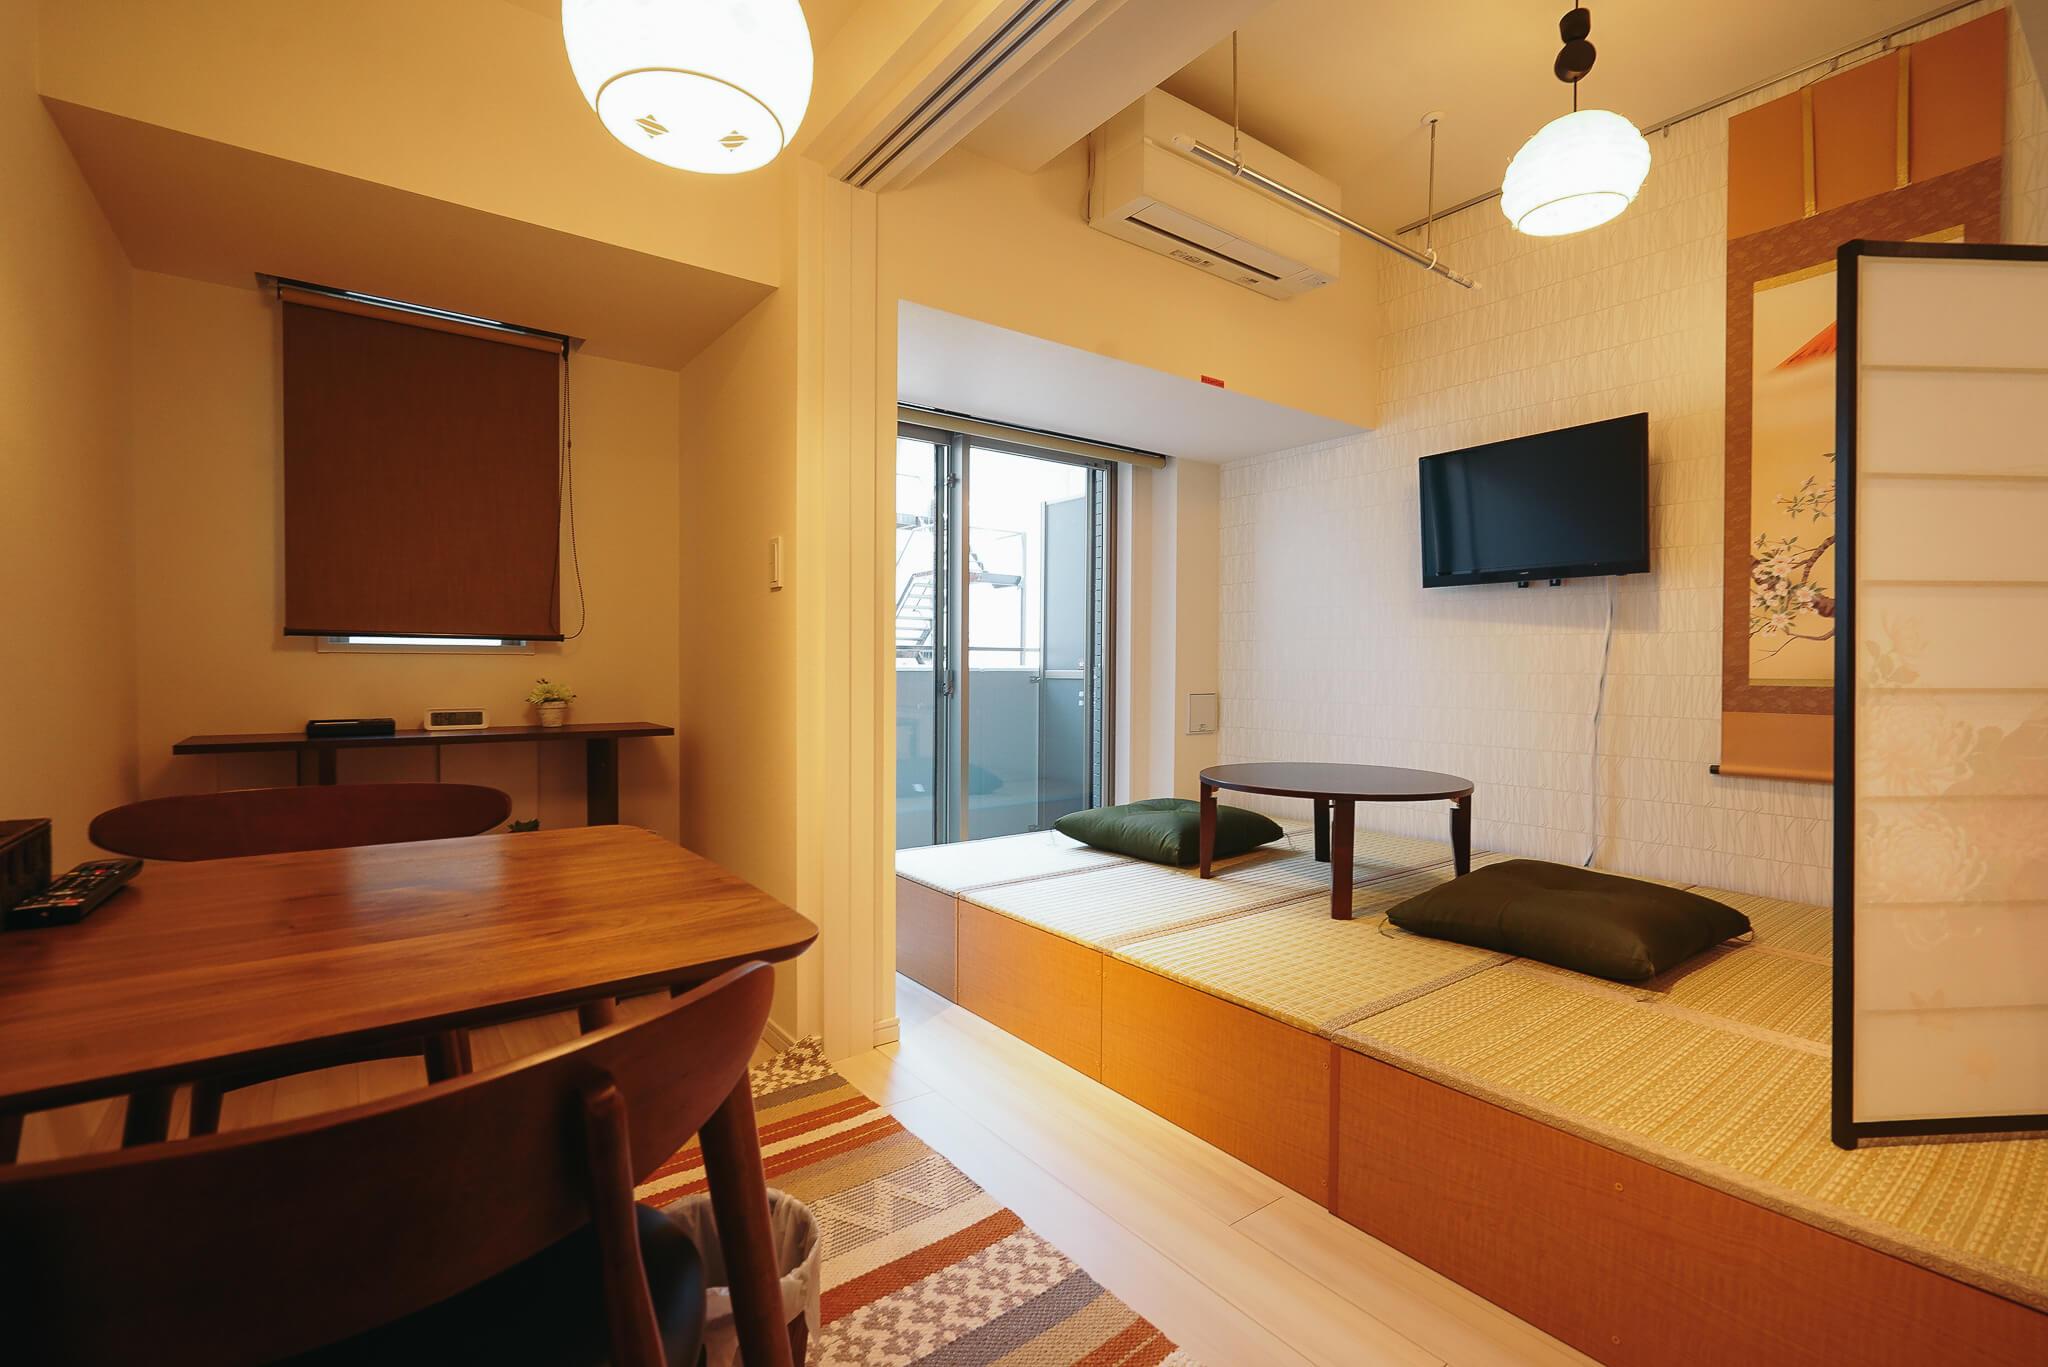 畳の小上がりのようなスペースを用意したお部屋もあります。外国からのお客様に推薦したくなる和モダンルーム。